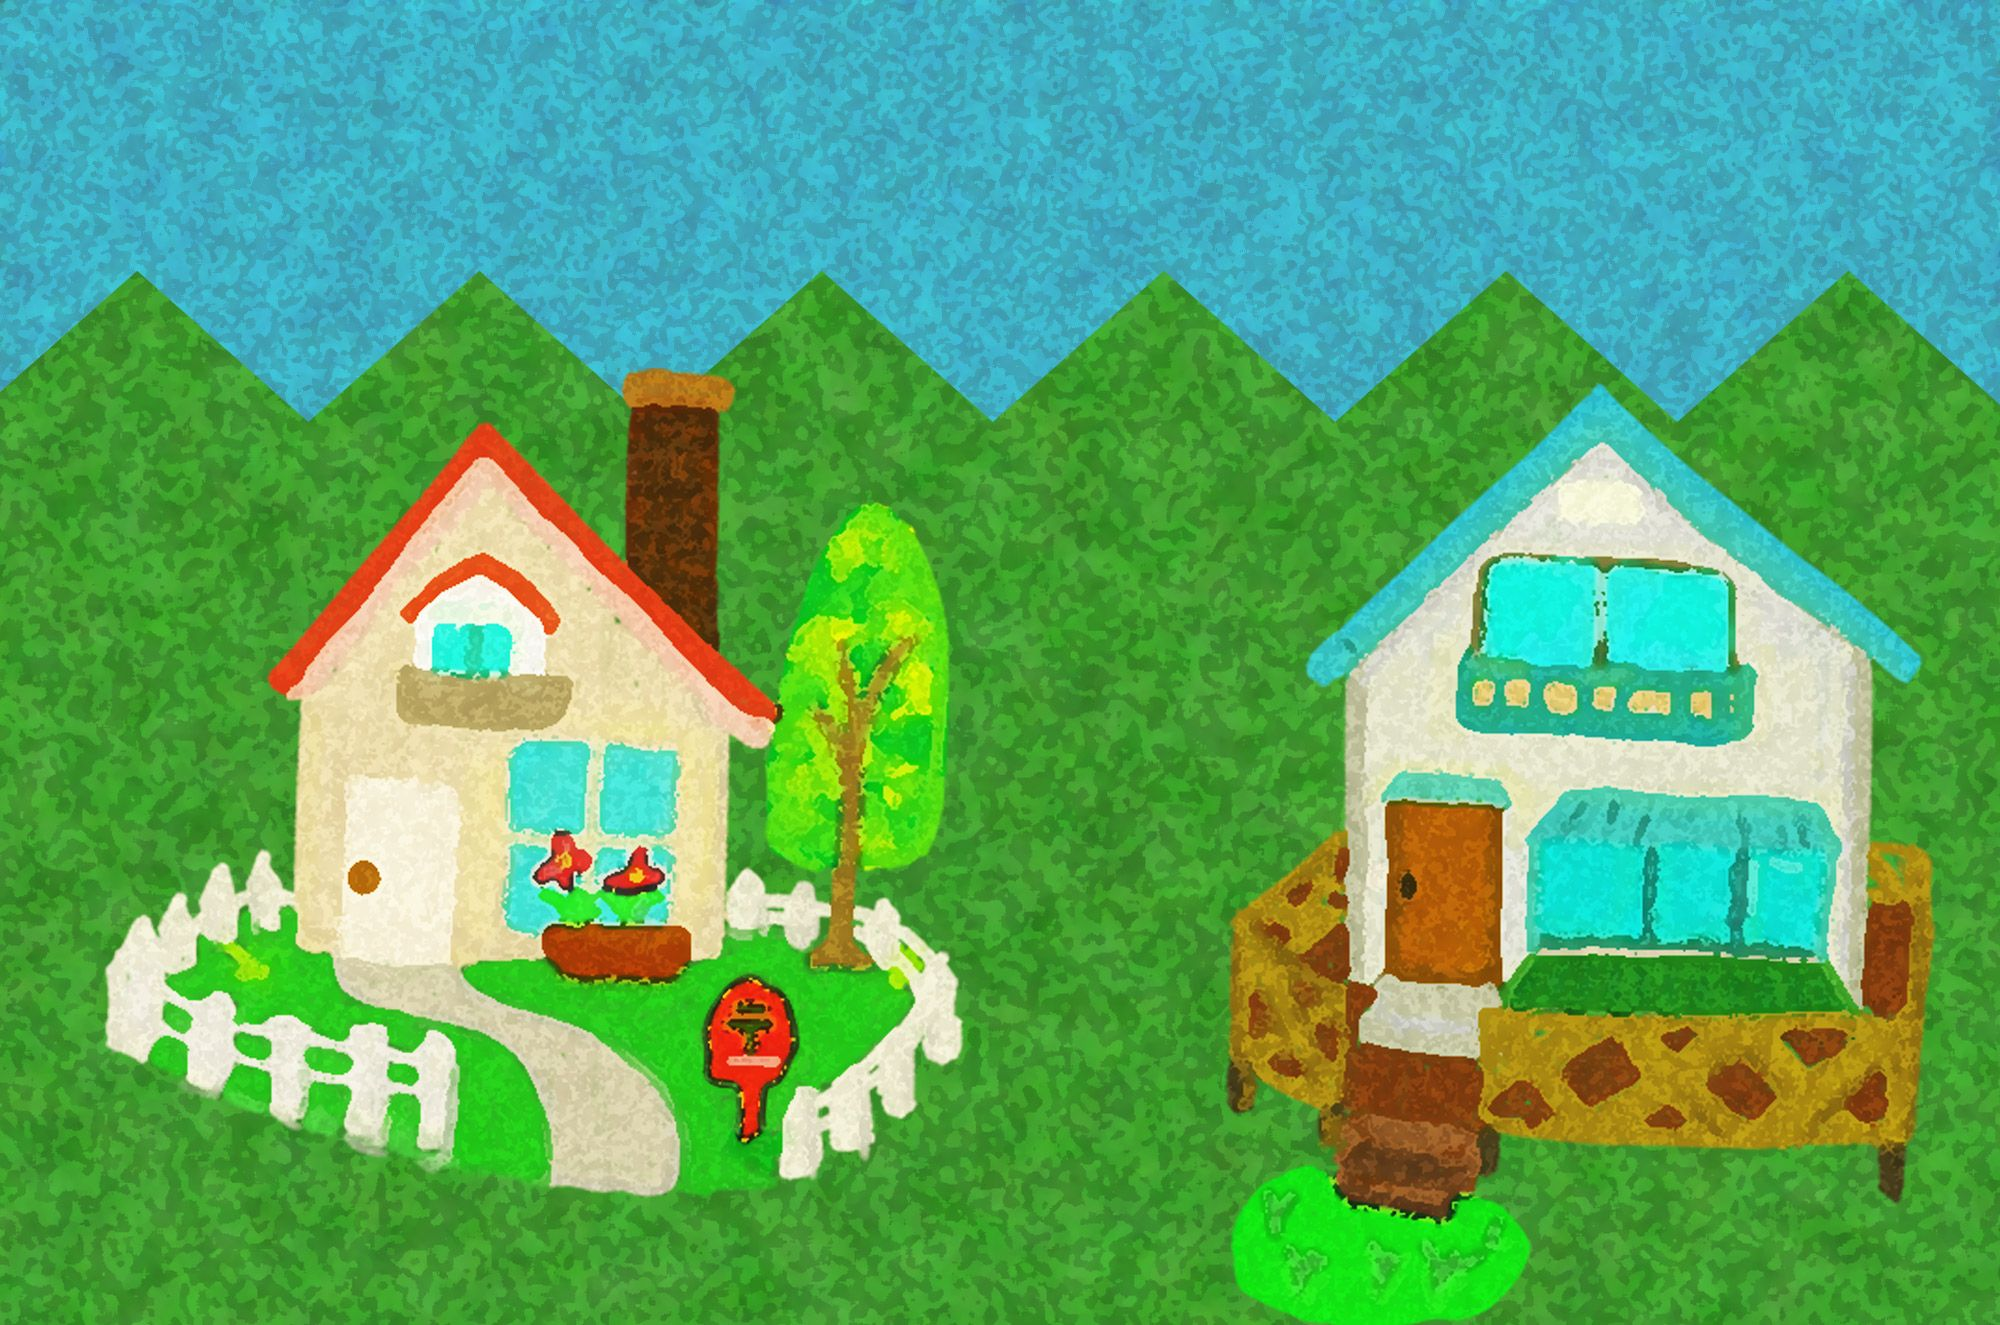 手描きの可愛い家のイラストフリー素材4つセット 画像あり 家の